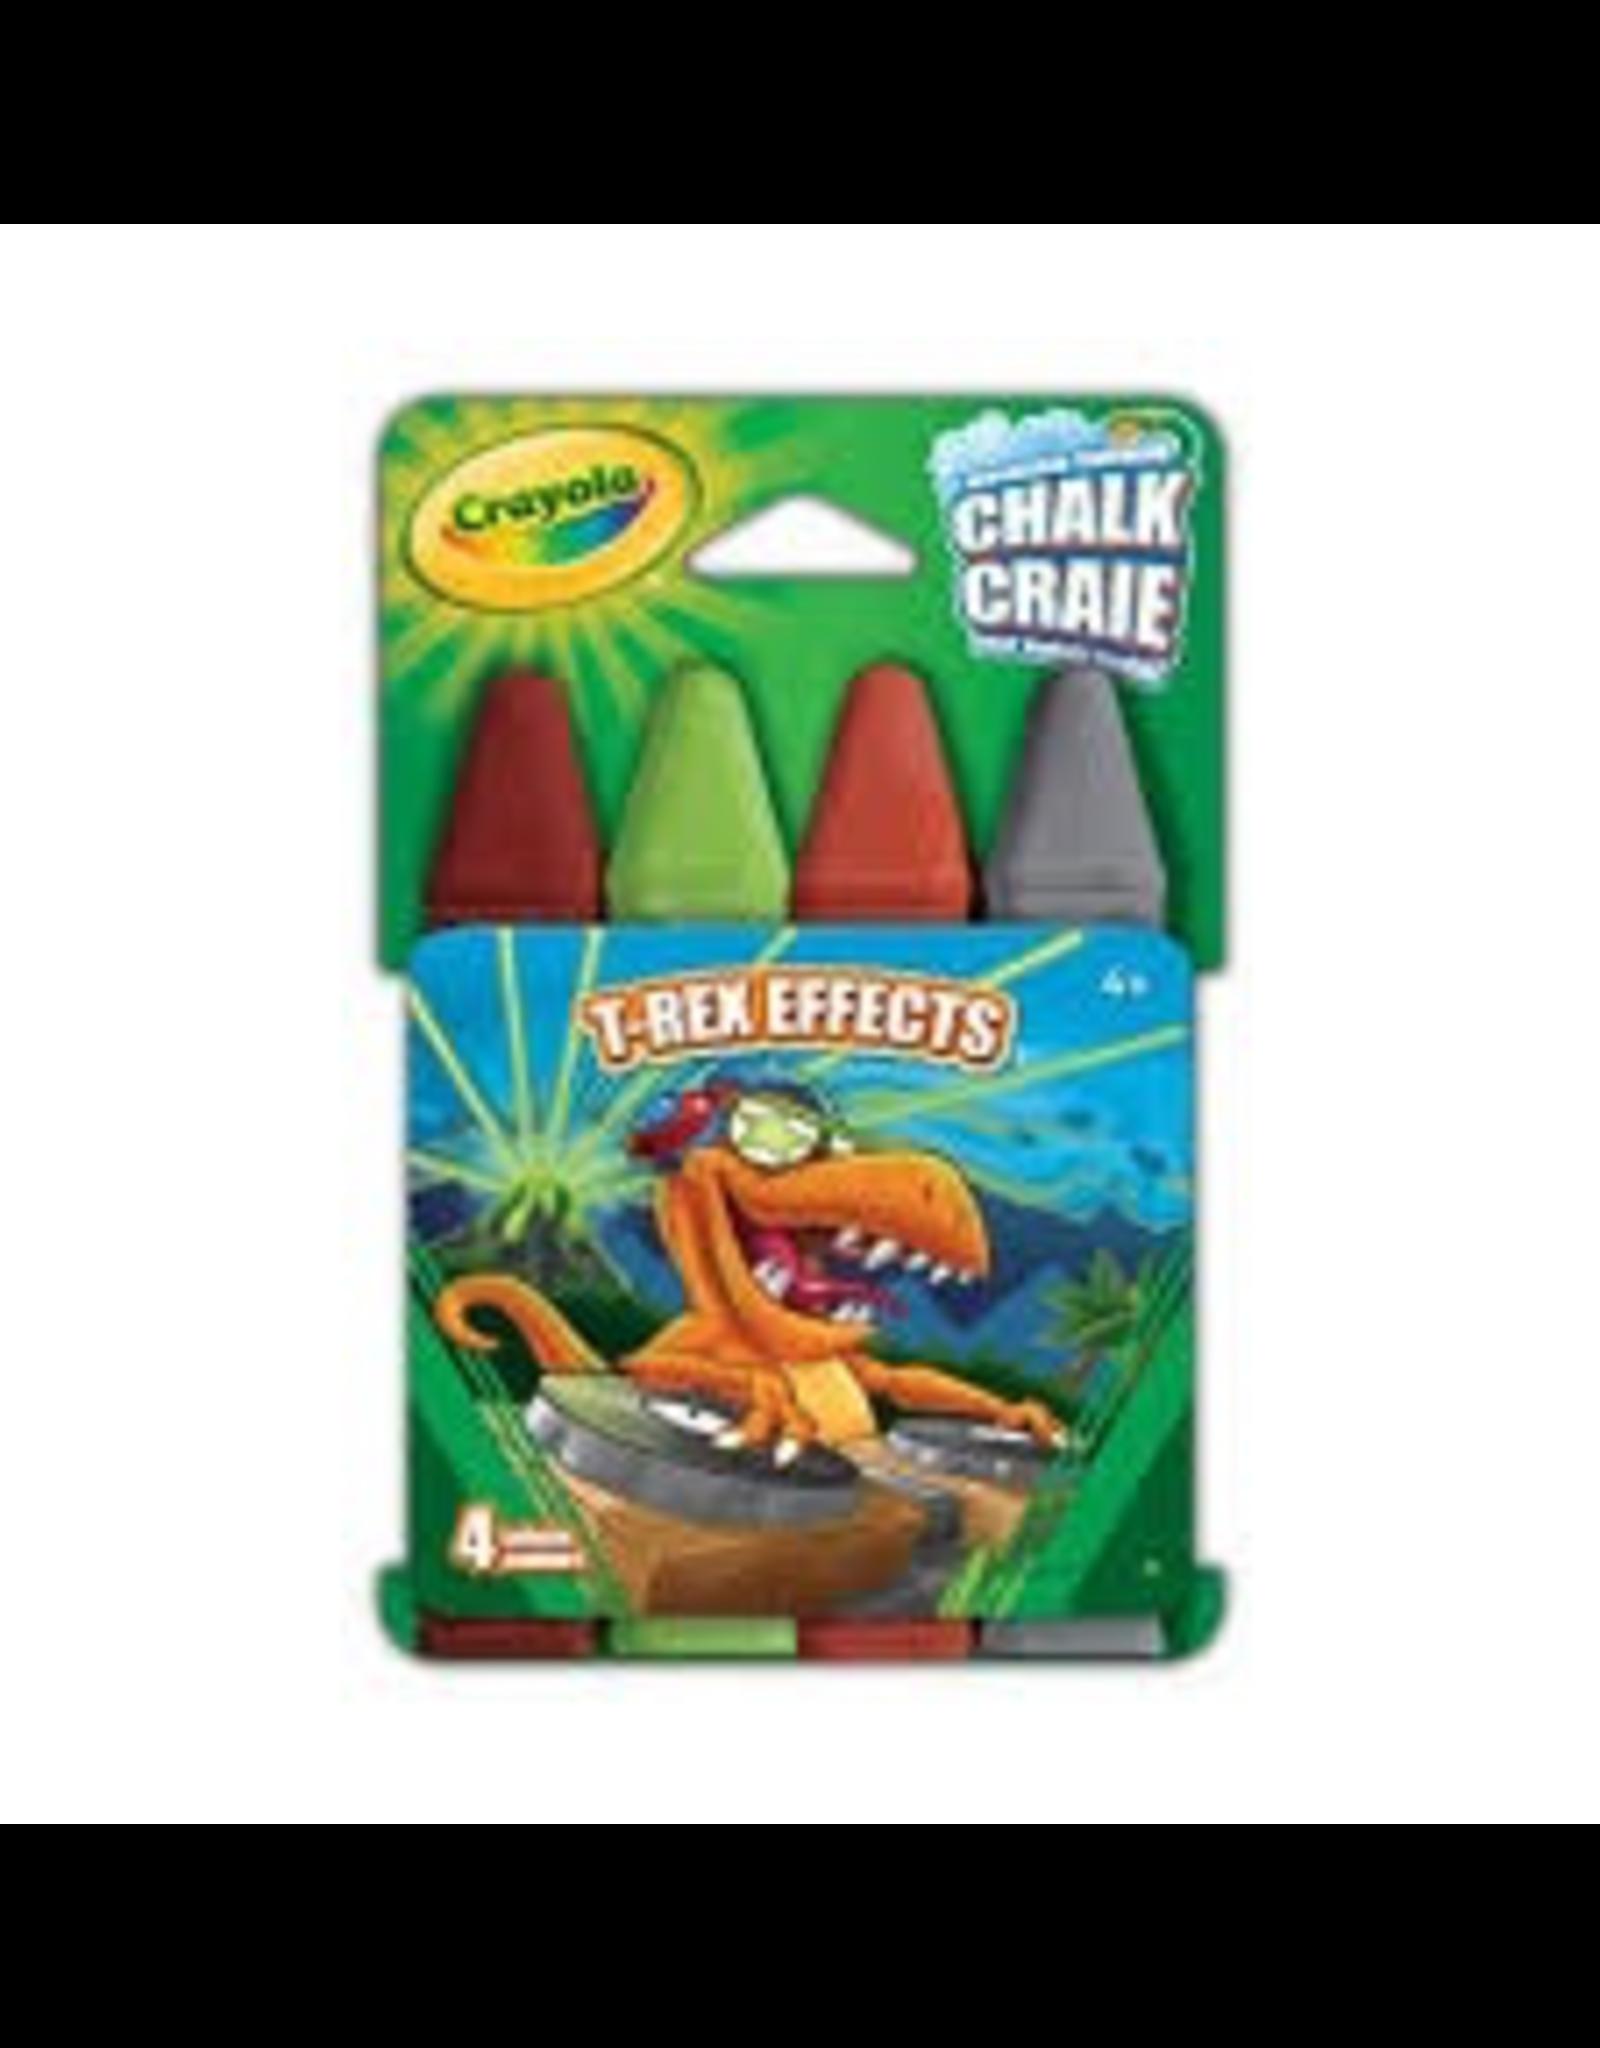 Crayola T-REX EFFECTS SIDEWALK CHALK